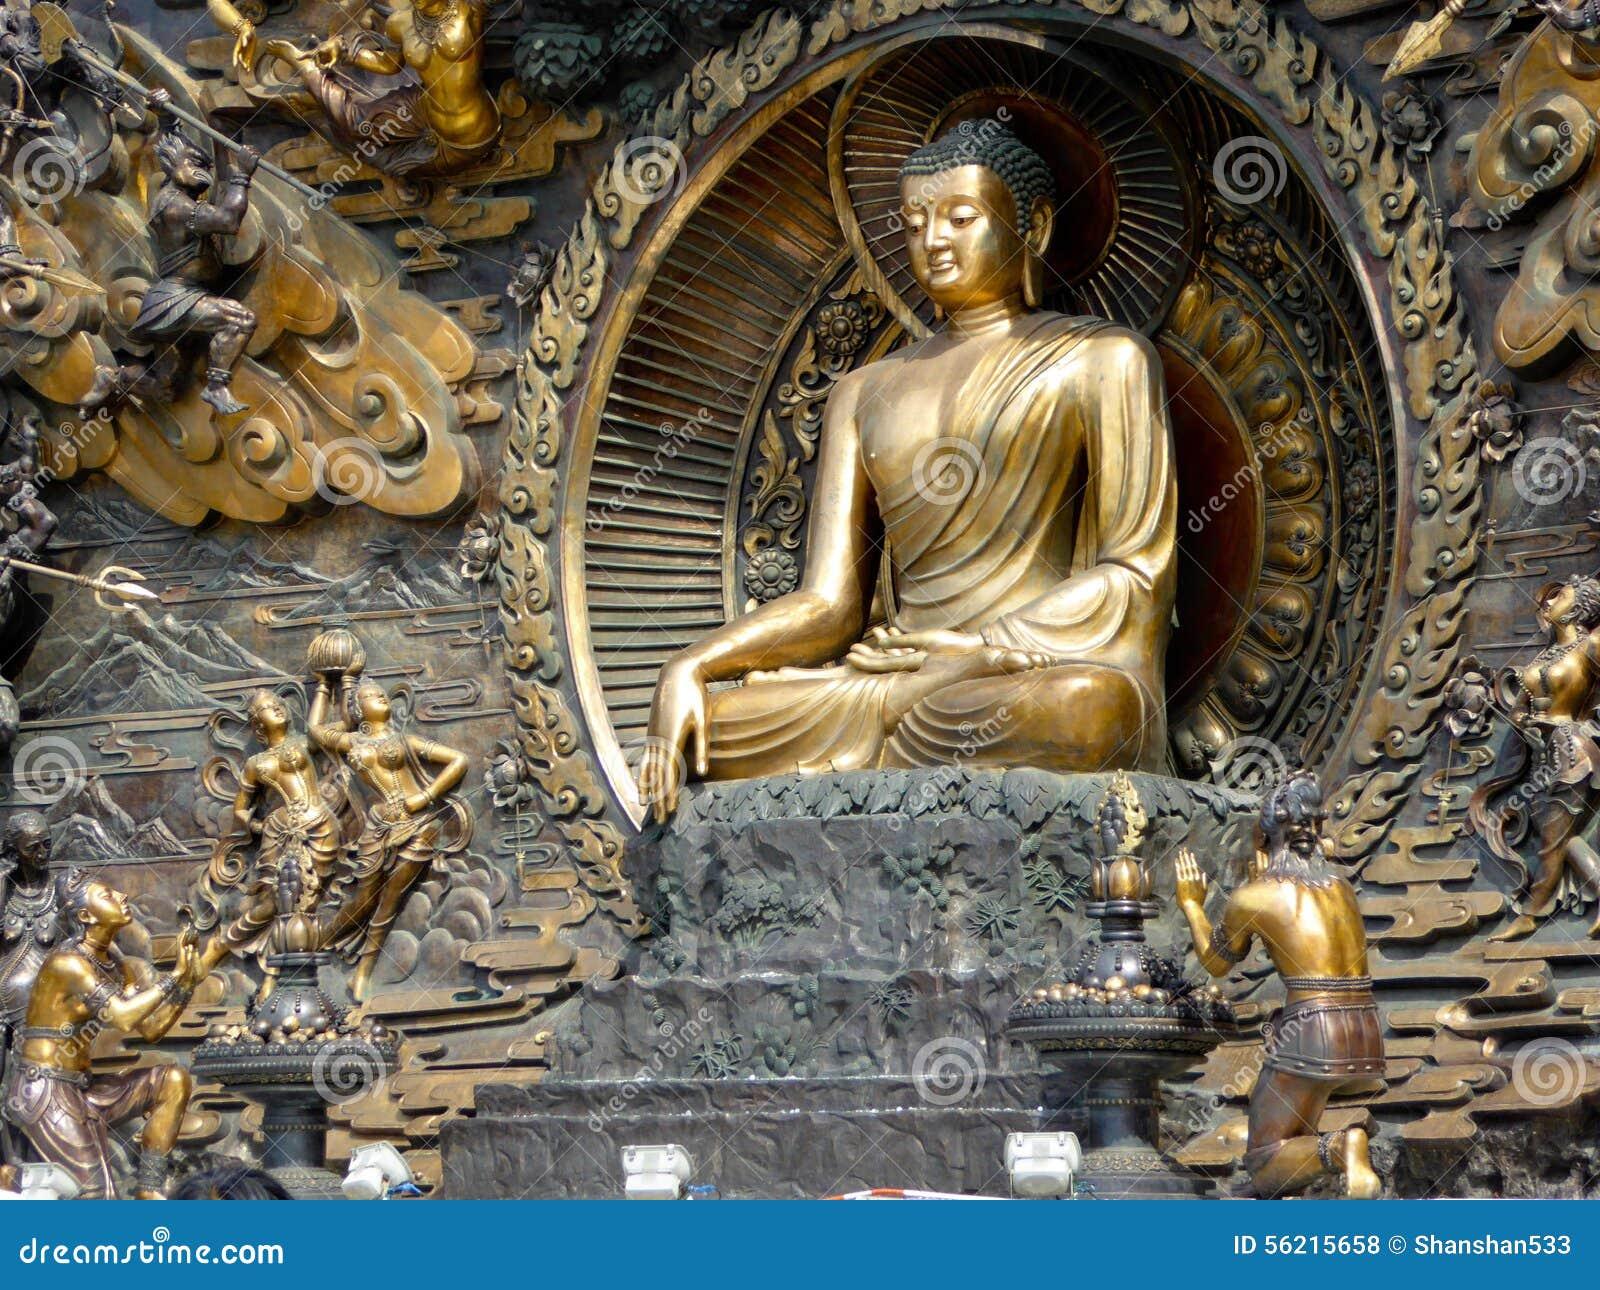 buddha murals statue at lingshan stock photo image 56215658 bronze buddha